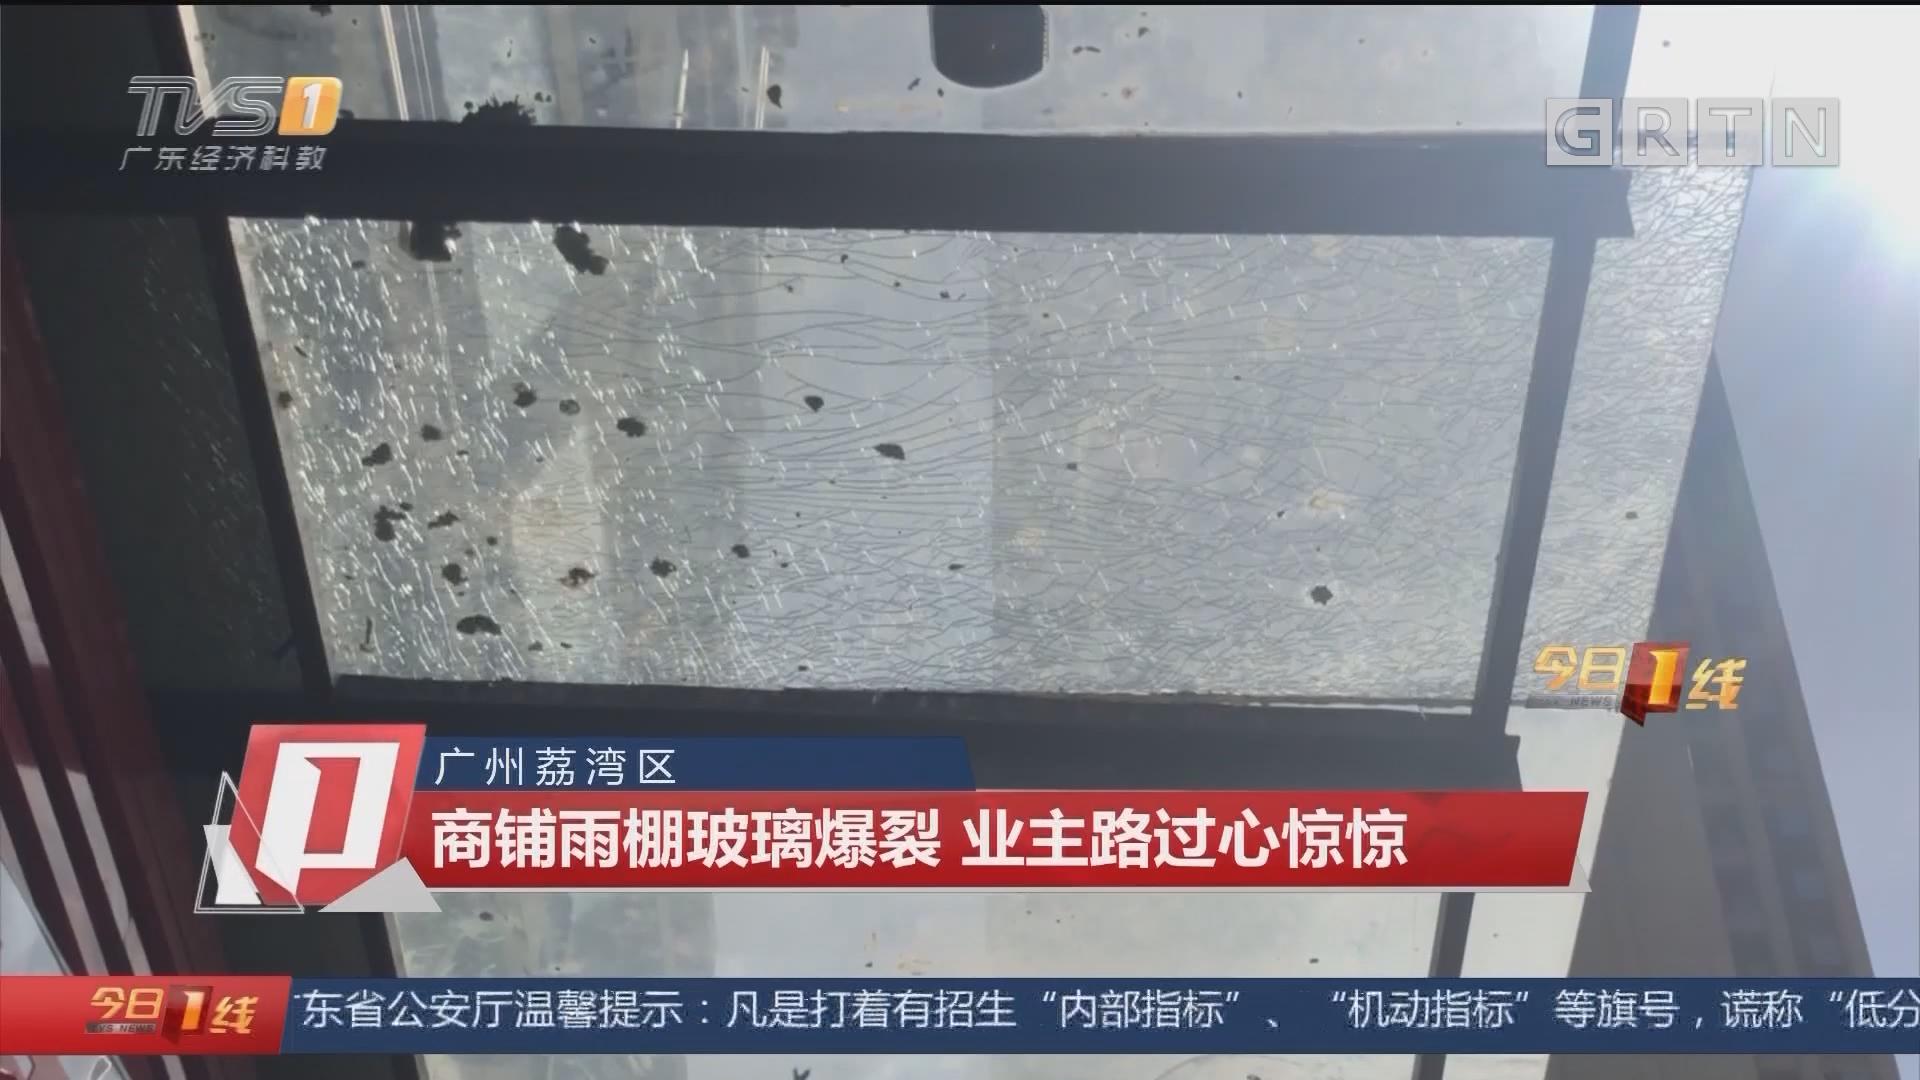 廣州荔灣區:商鋪雨棚玻璃爆裂 業主路過心驚驚